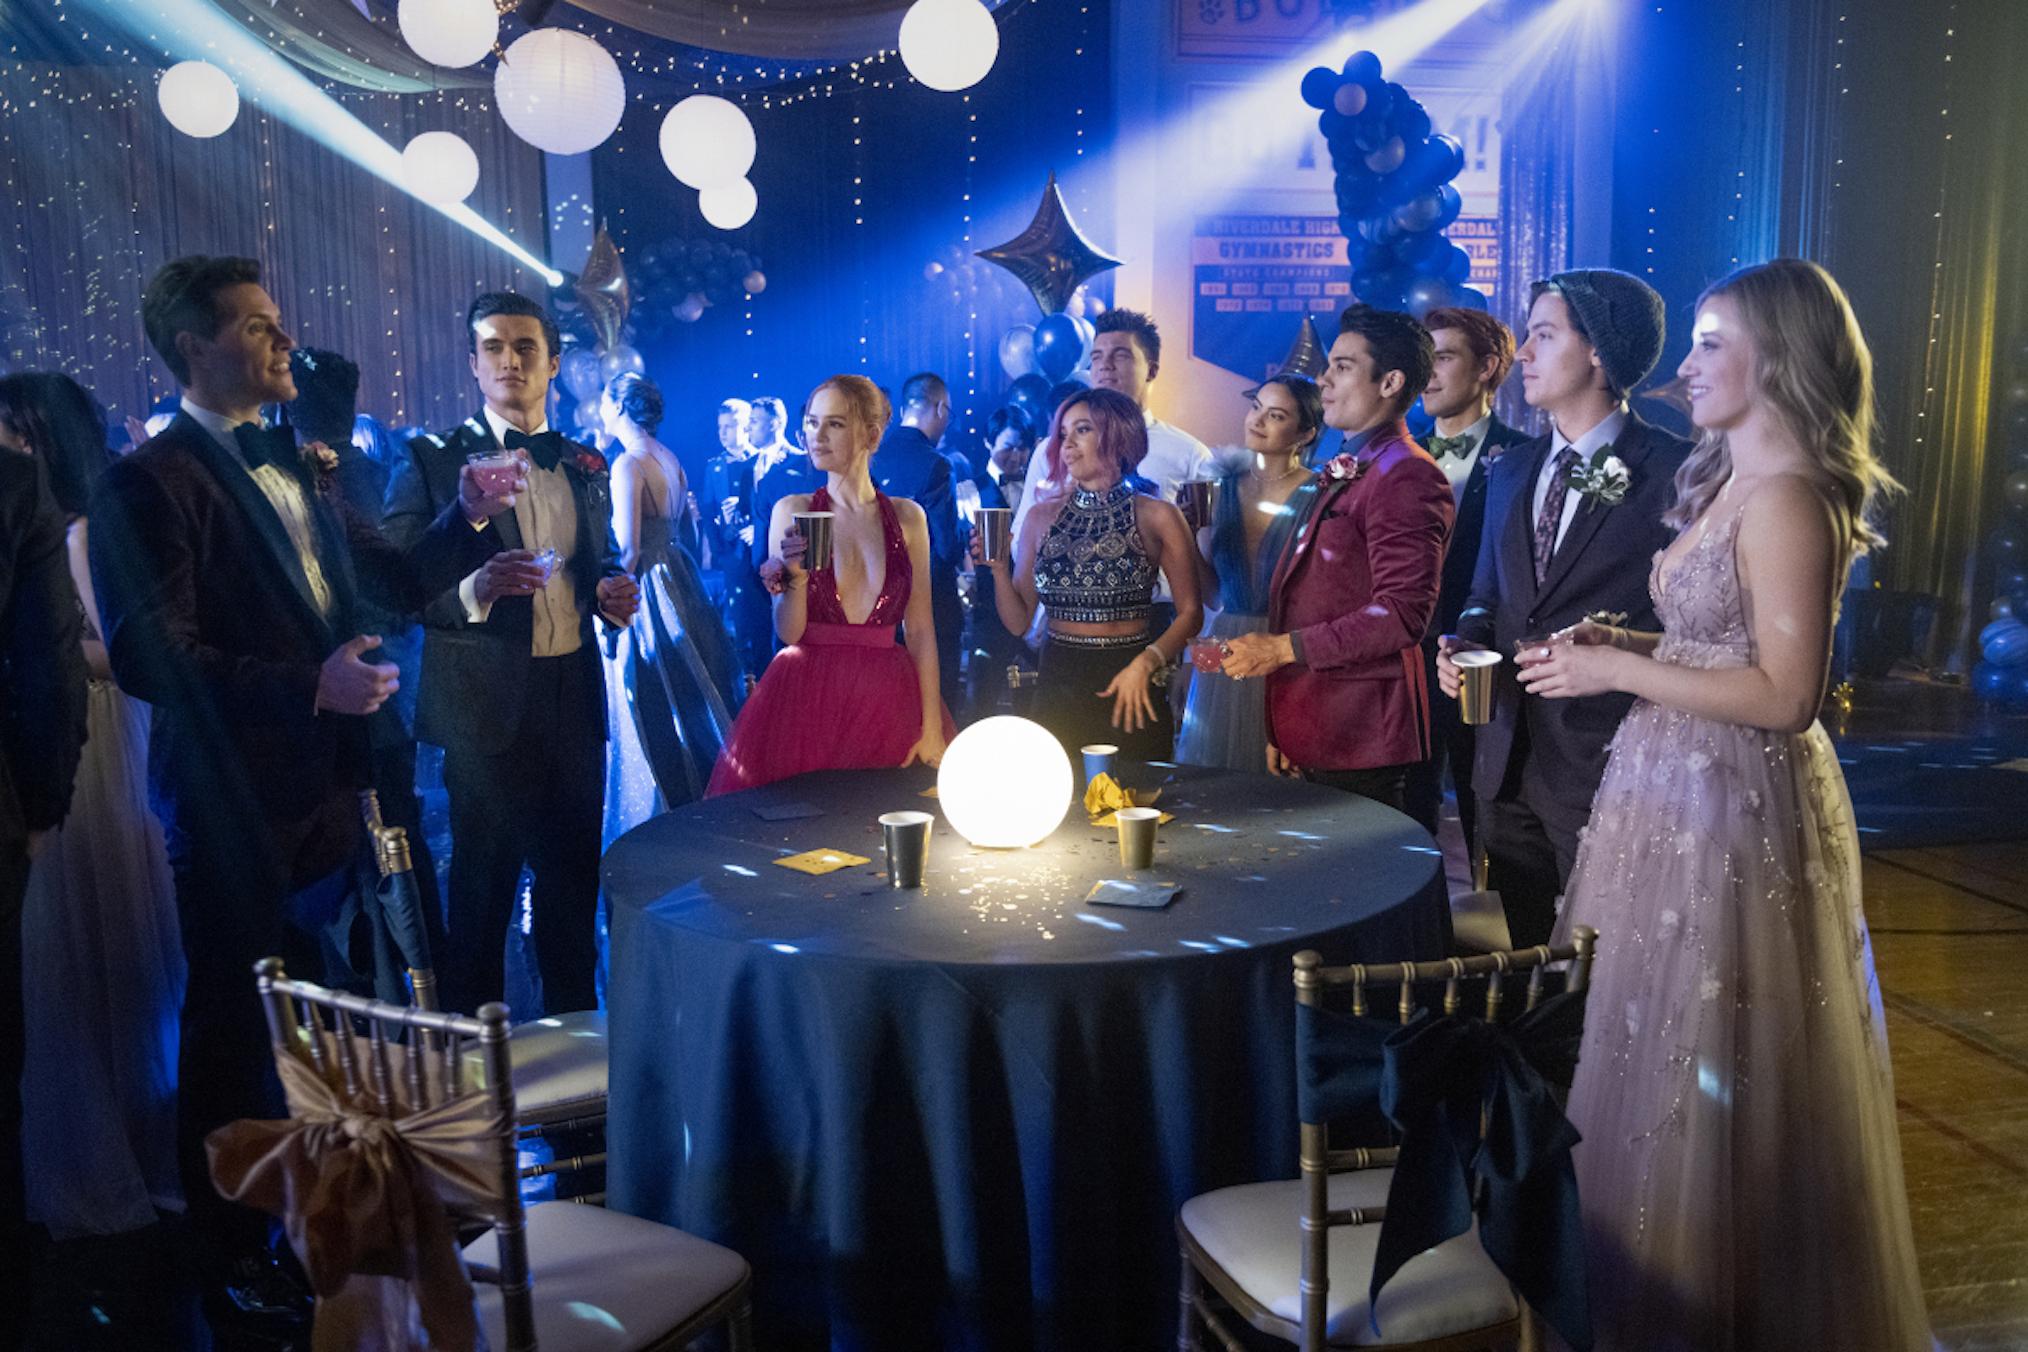 Riverdale Season 5 Prom